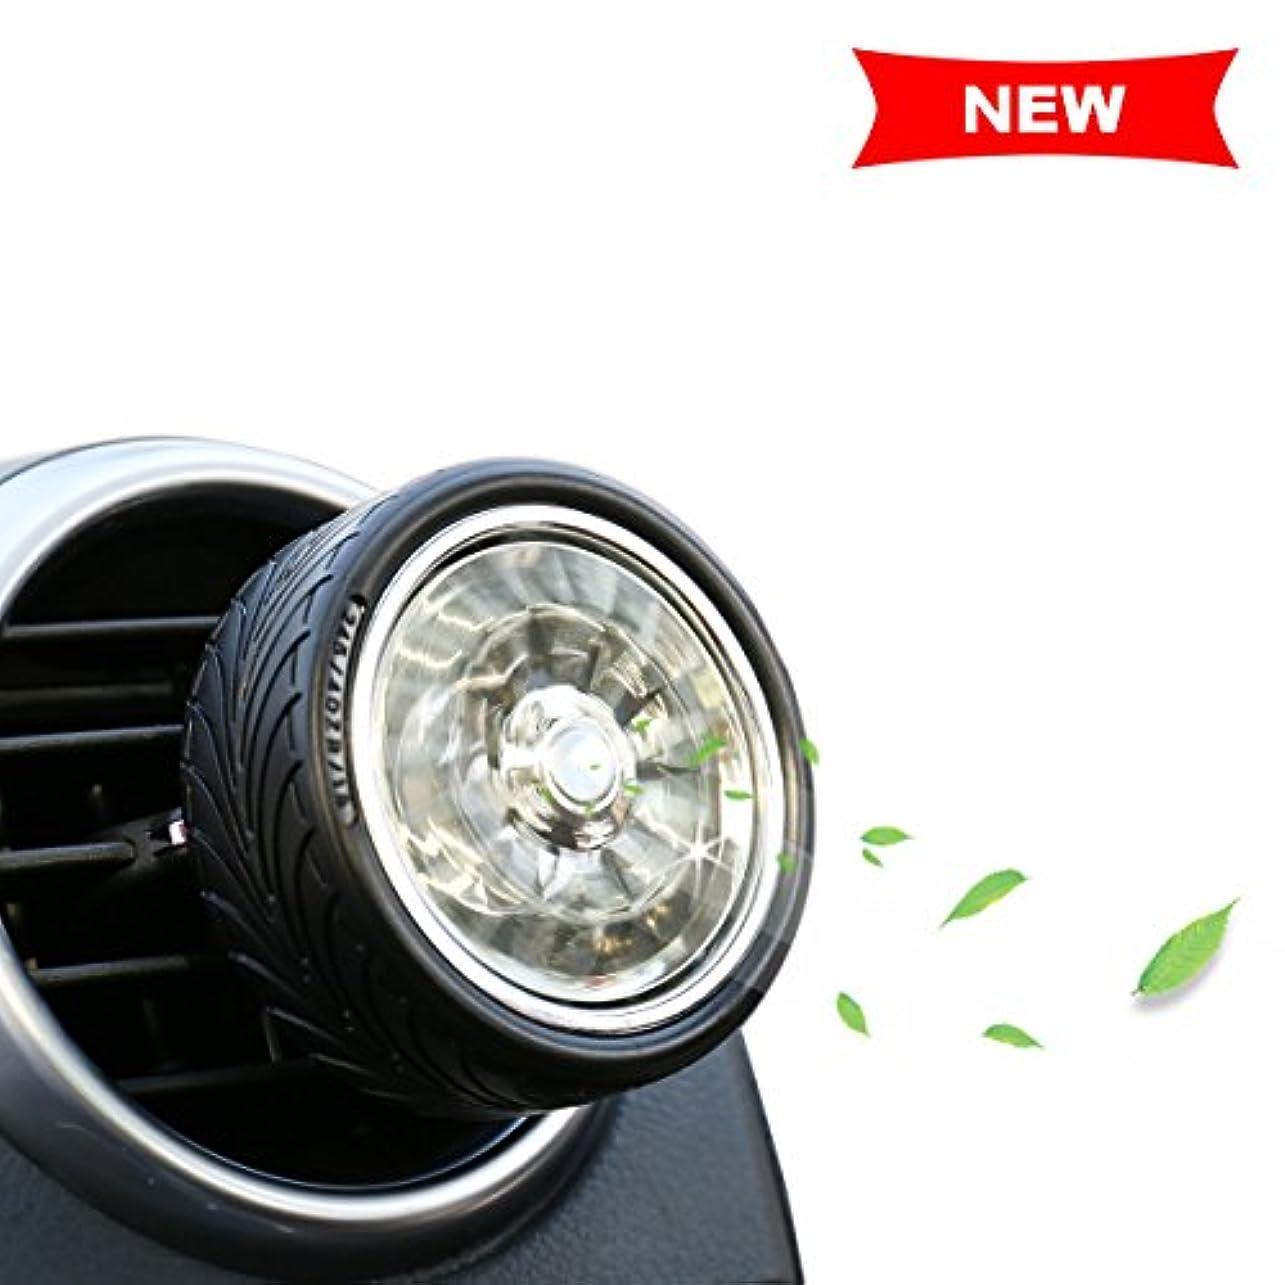 風味適用する私のAromatherapy Essential Oil Diffuser Car Air Freshener匂い、煙、臭気削除イオンエアークリーナー、シガレット、ほこり、なアクセサリーの自動車/ RV &車ギフト| CE、...